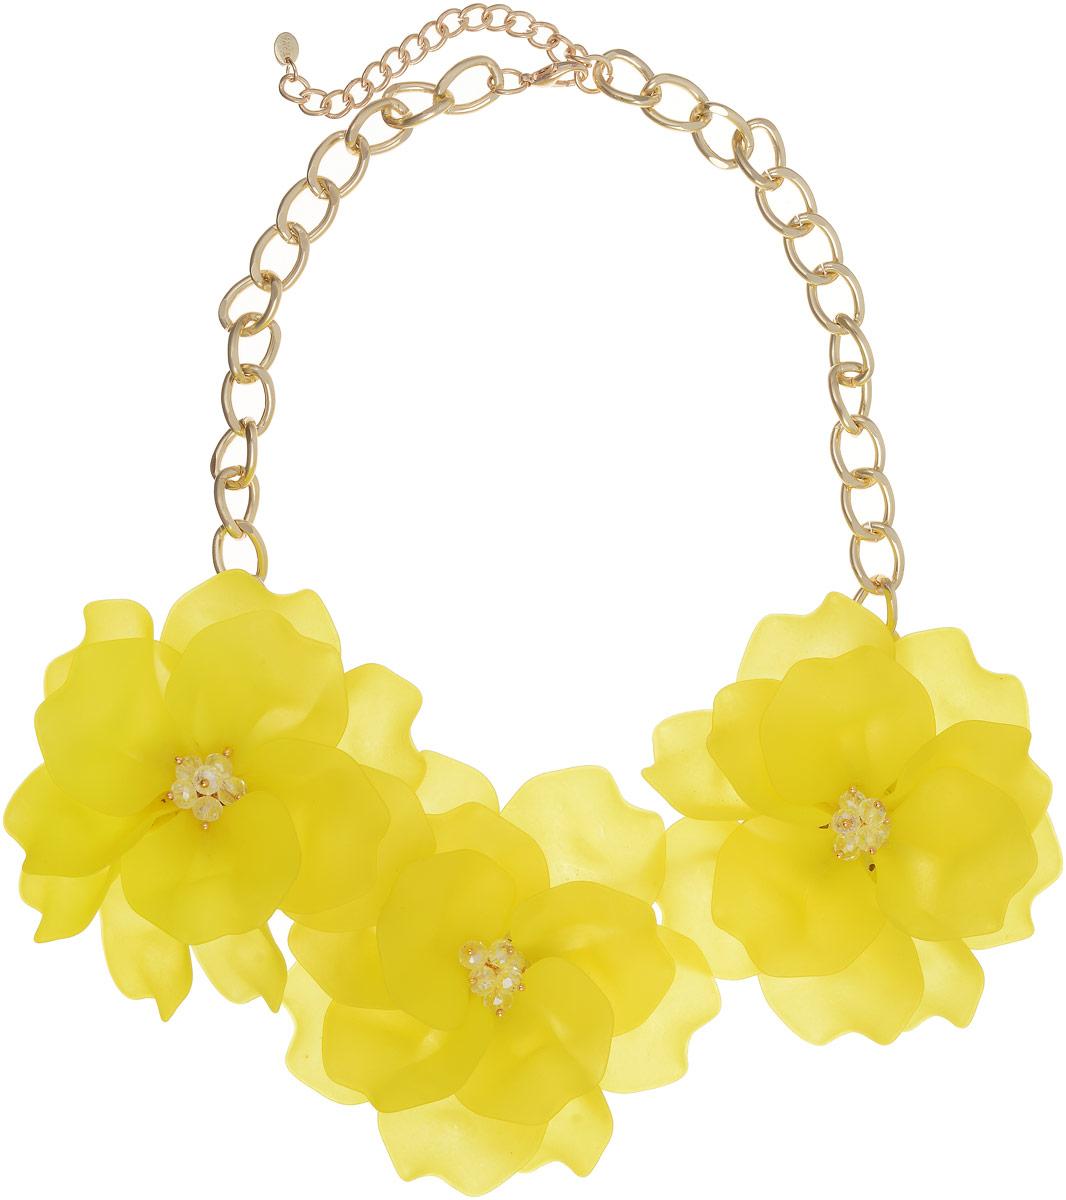 Колье Taya, цвет: золотистый, светло-желтый. T-B-13237Колье (короткие одноярусные бусы)Три матовых ультра-желтых цветка с закругленными лепестками составляют нежнейшую композицию. Каждый лепесток плавно изогнут, в центре несколько прозрачных бусин с золотой капелькой. Размеры: длина изделия 48 см + удлинение 7,0 см, каждый цветок диаметром 9,0 см.